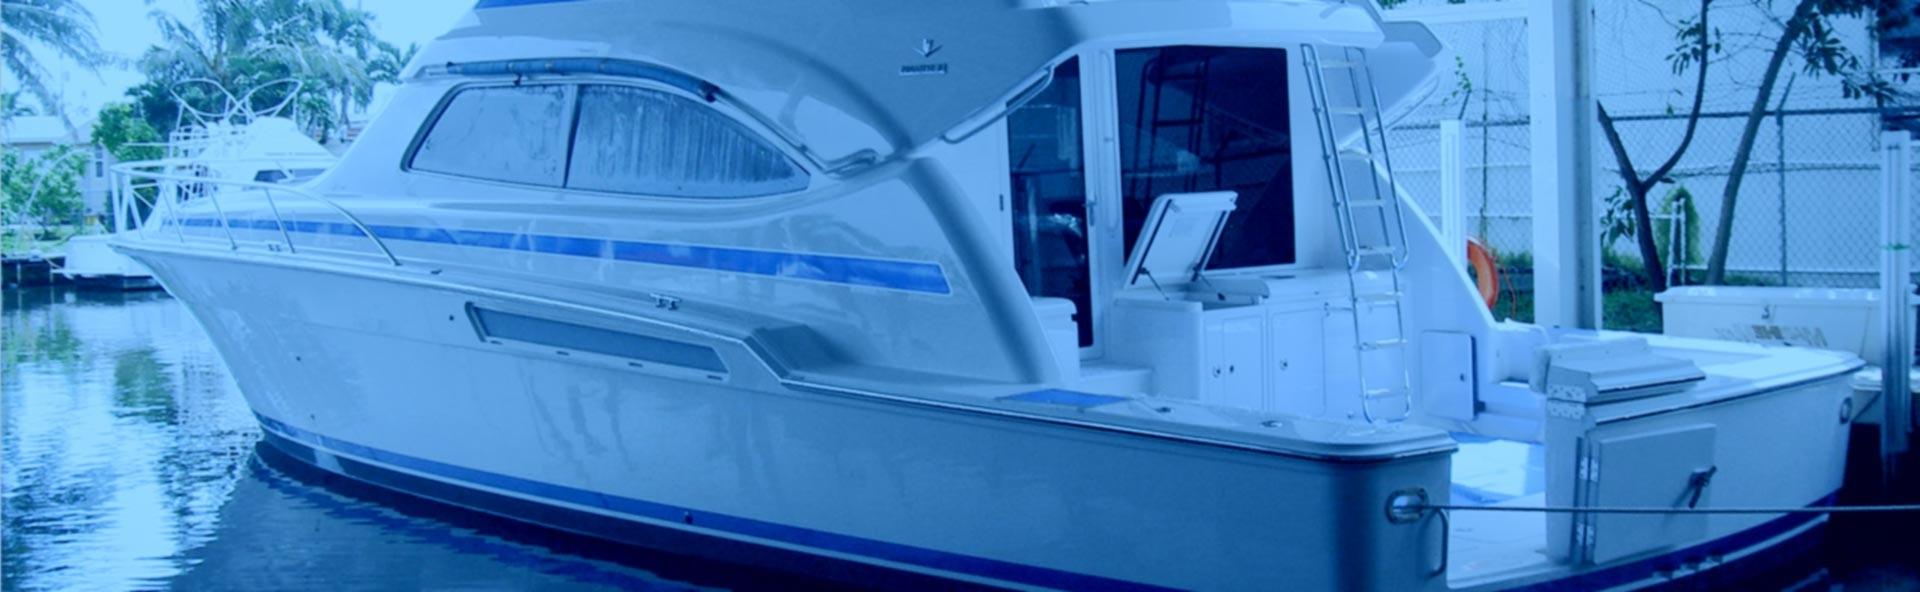 boatweb02blue